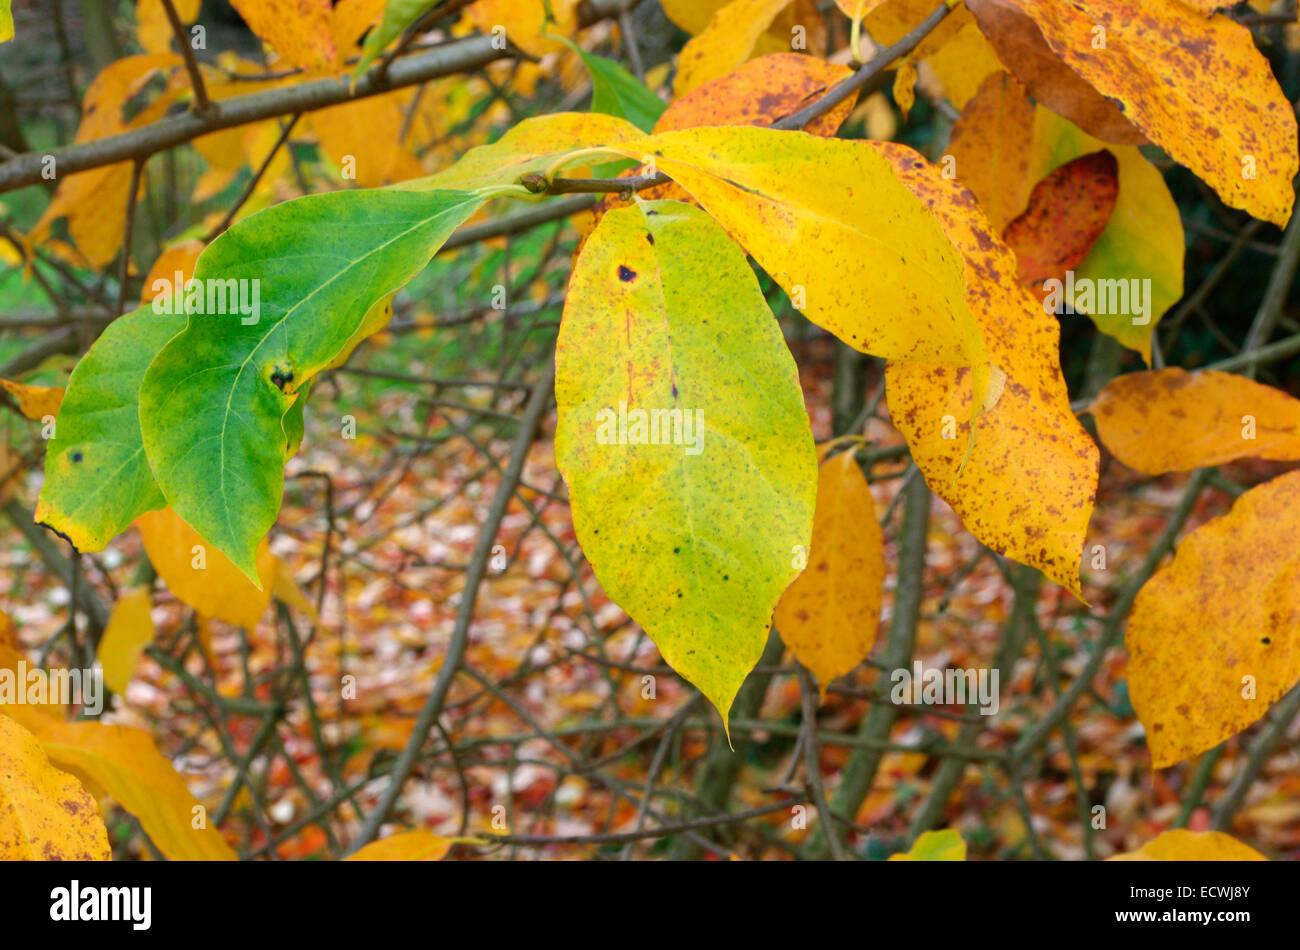 Nyssa sylvatica ( Black Tupelo, Black Gum or Sour Gum Tree ) in Autumn - Stock Image